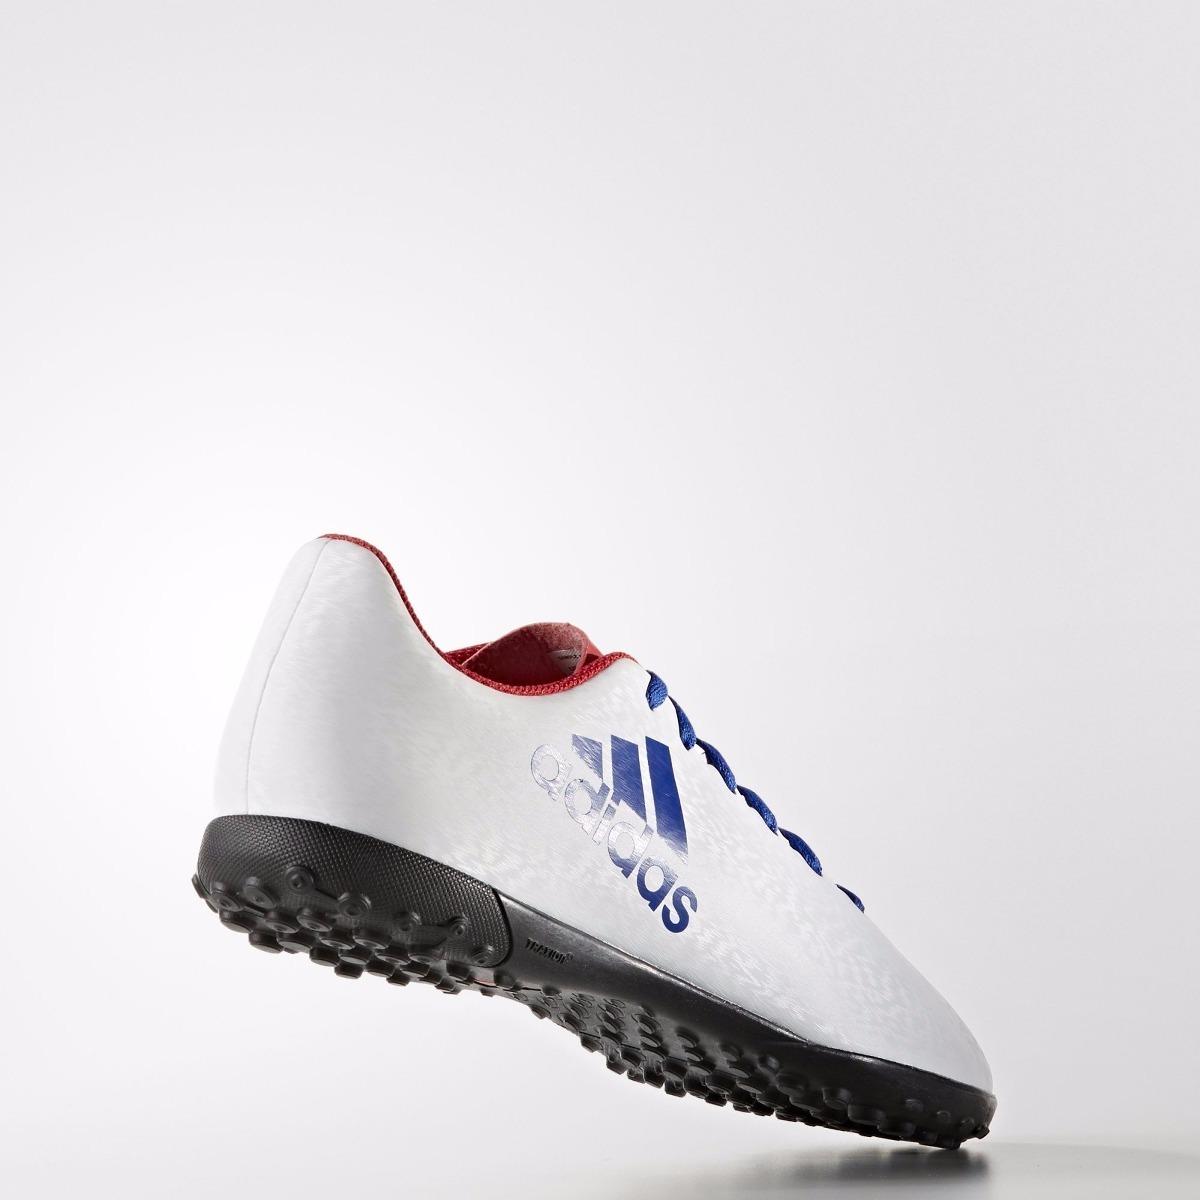 Tenis adidas Futbol Rápido X16.4 Tf Blanco Azul Bb4003 Dama